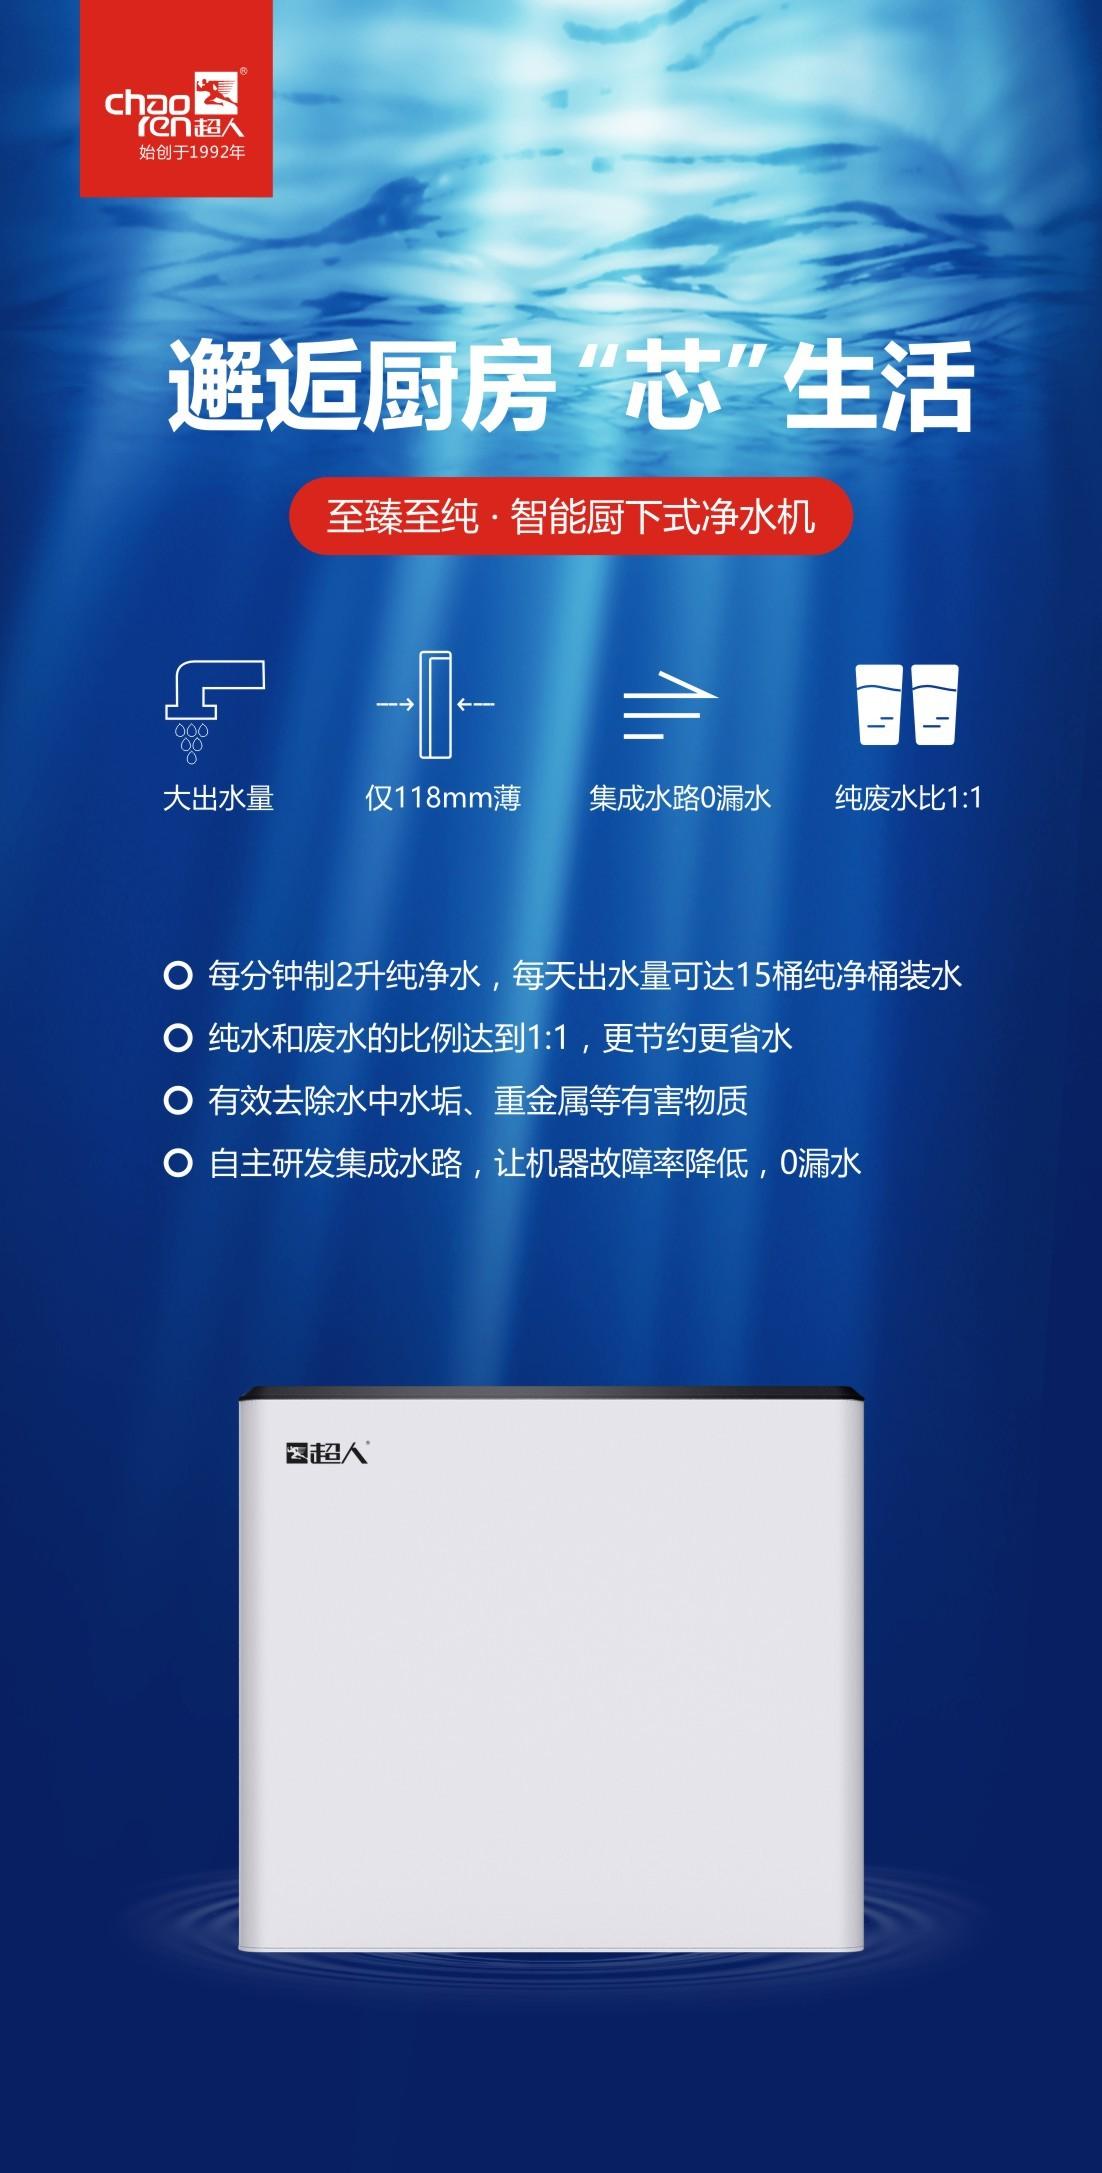 超人电器净水器广告(1400mmx2760mm)灯箱